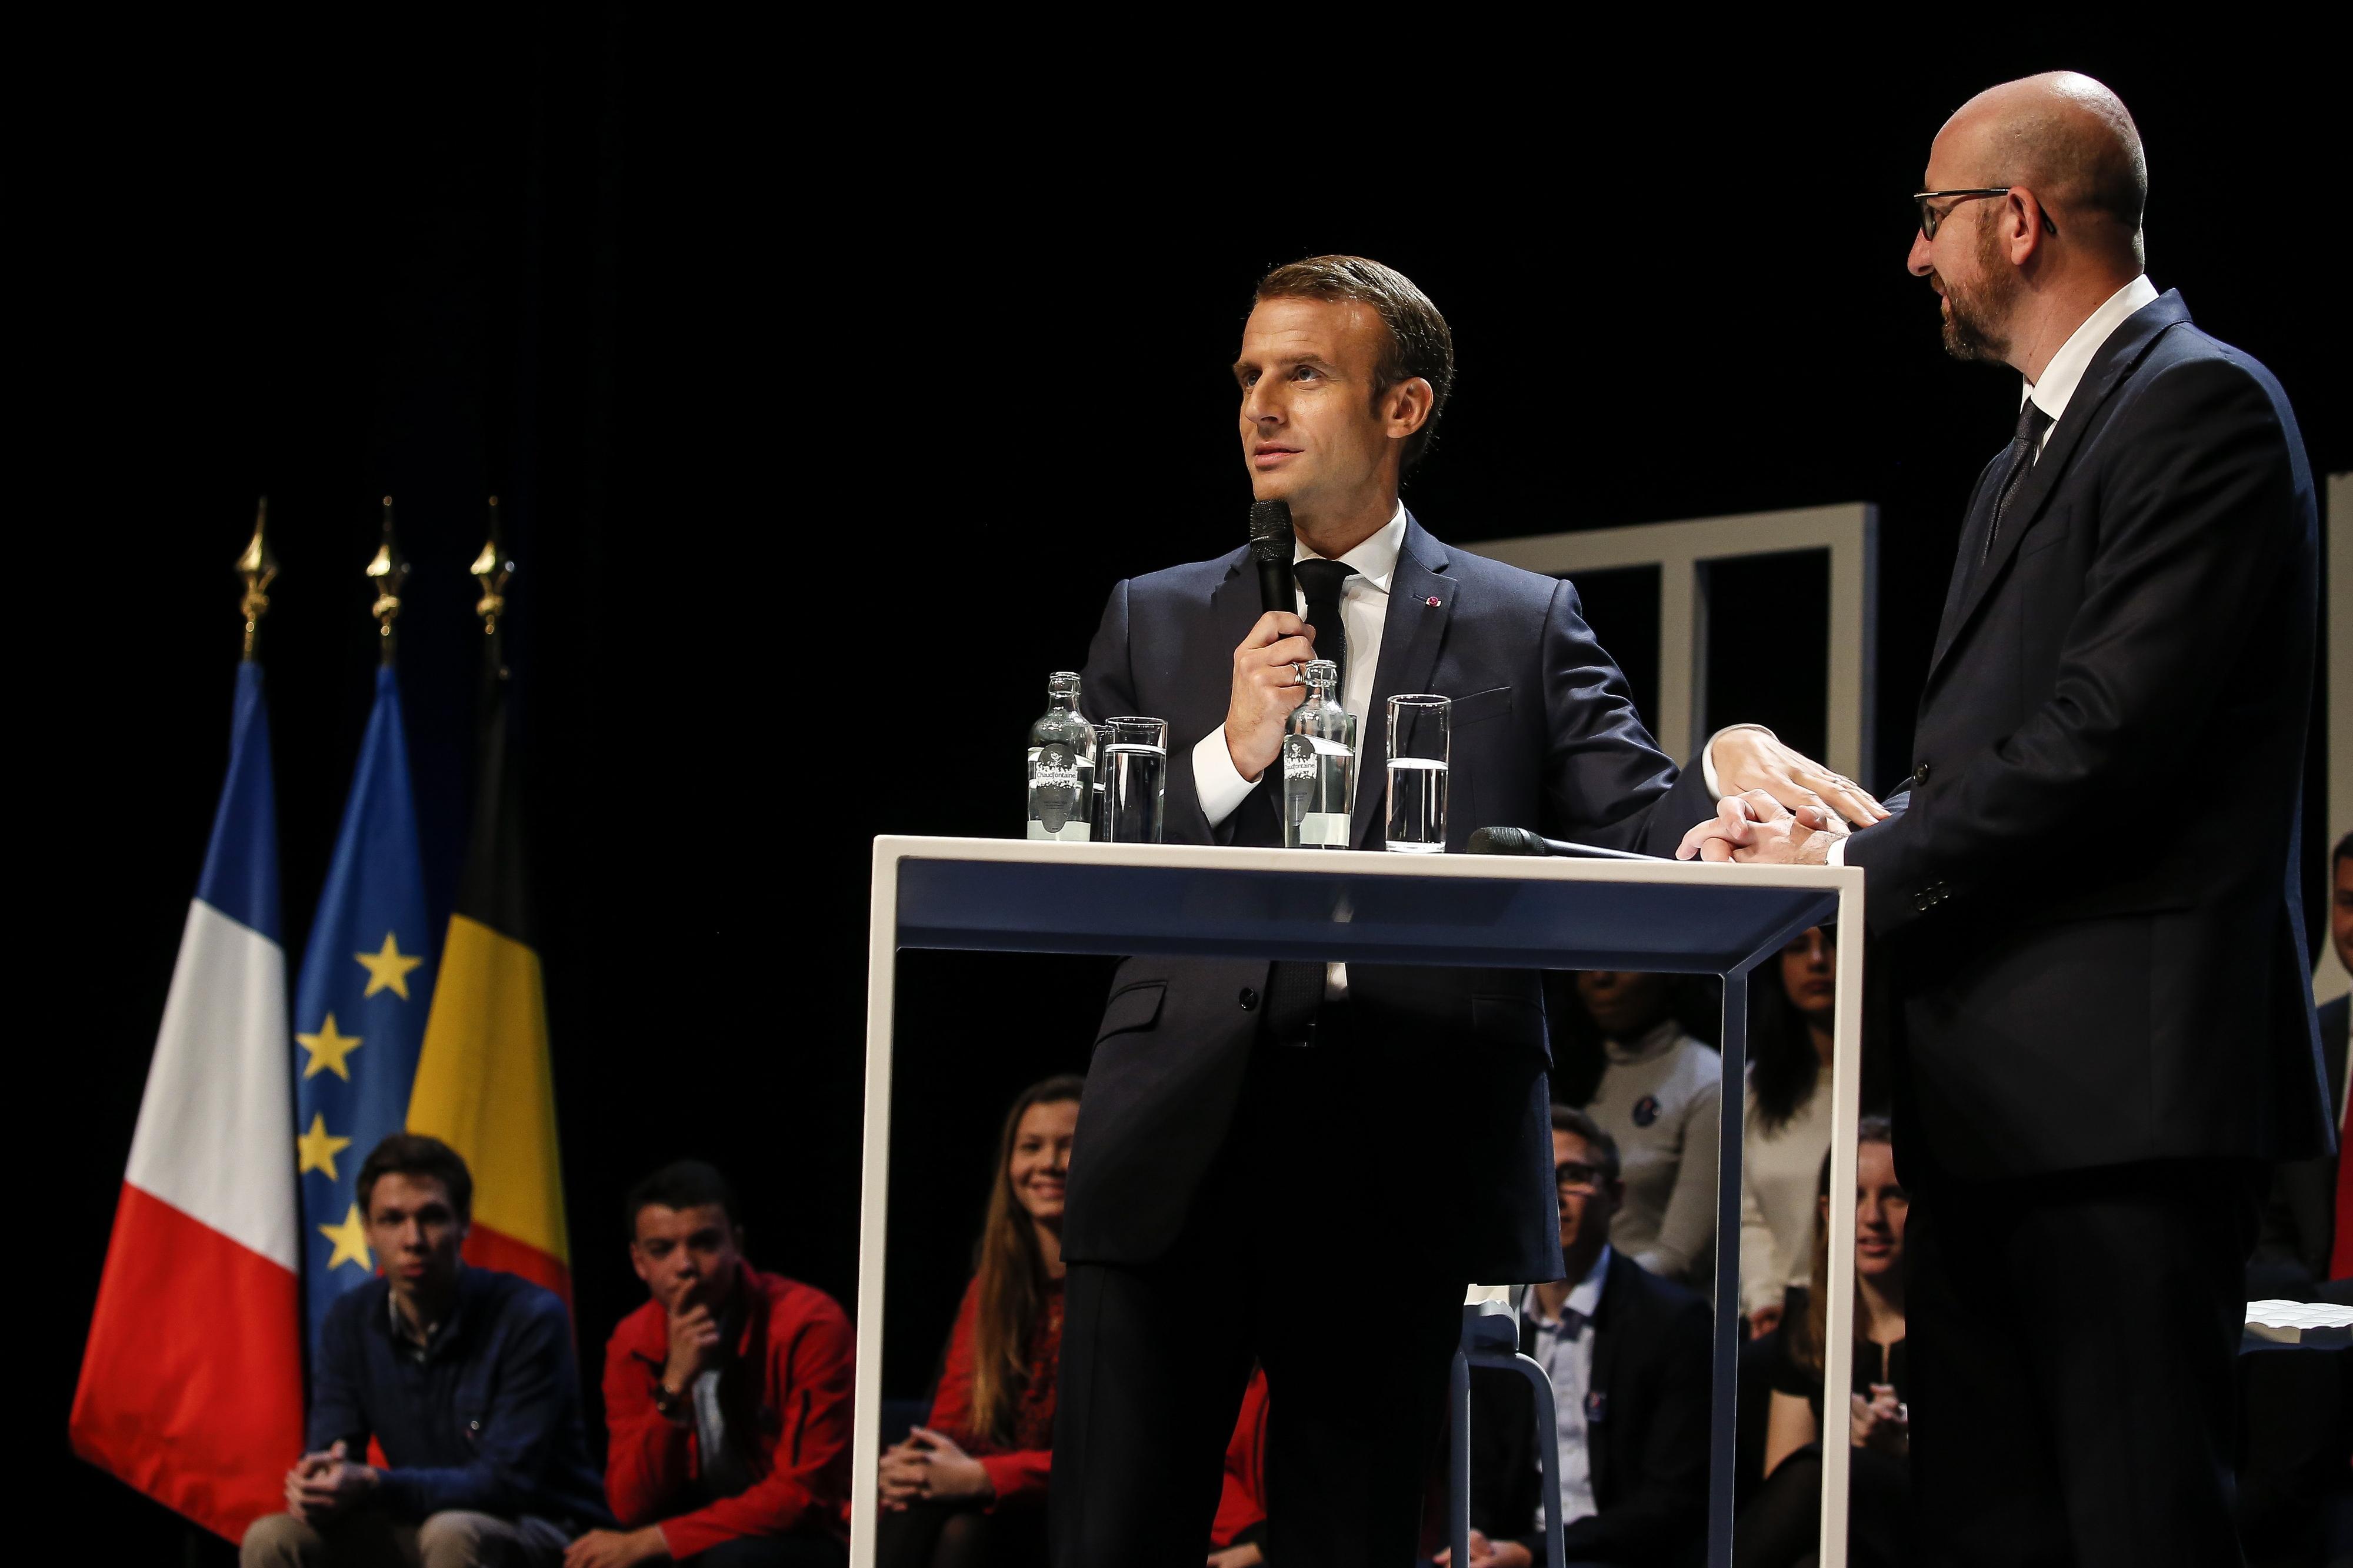 """Macron admite aplicar """"severidade"""" contra violência nos protestos dos """"coletes amarelos"""""""